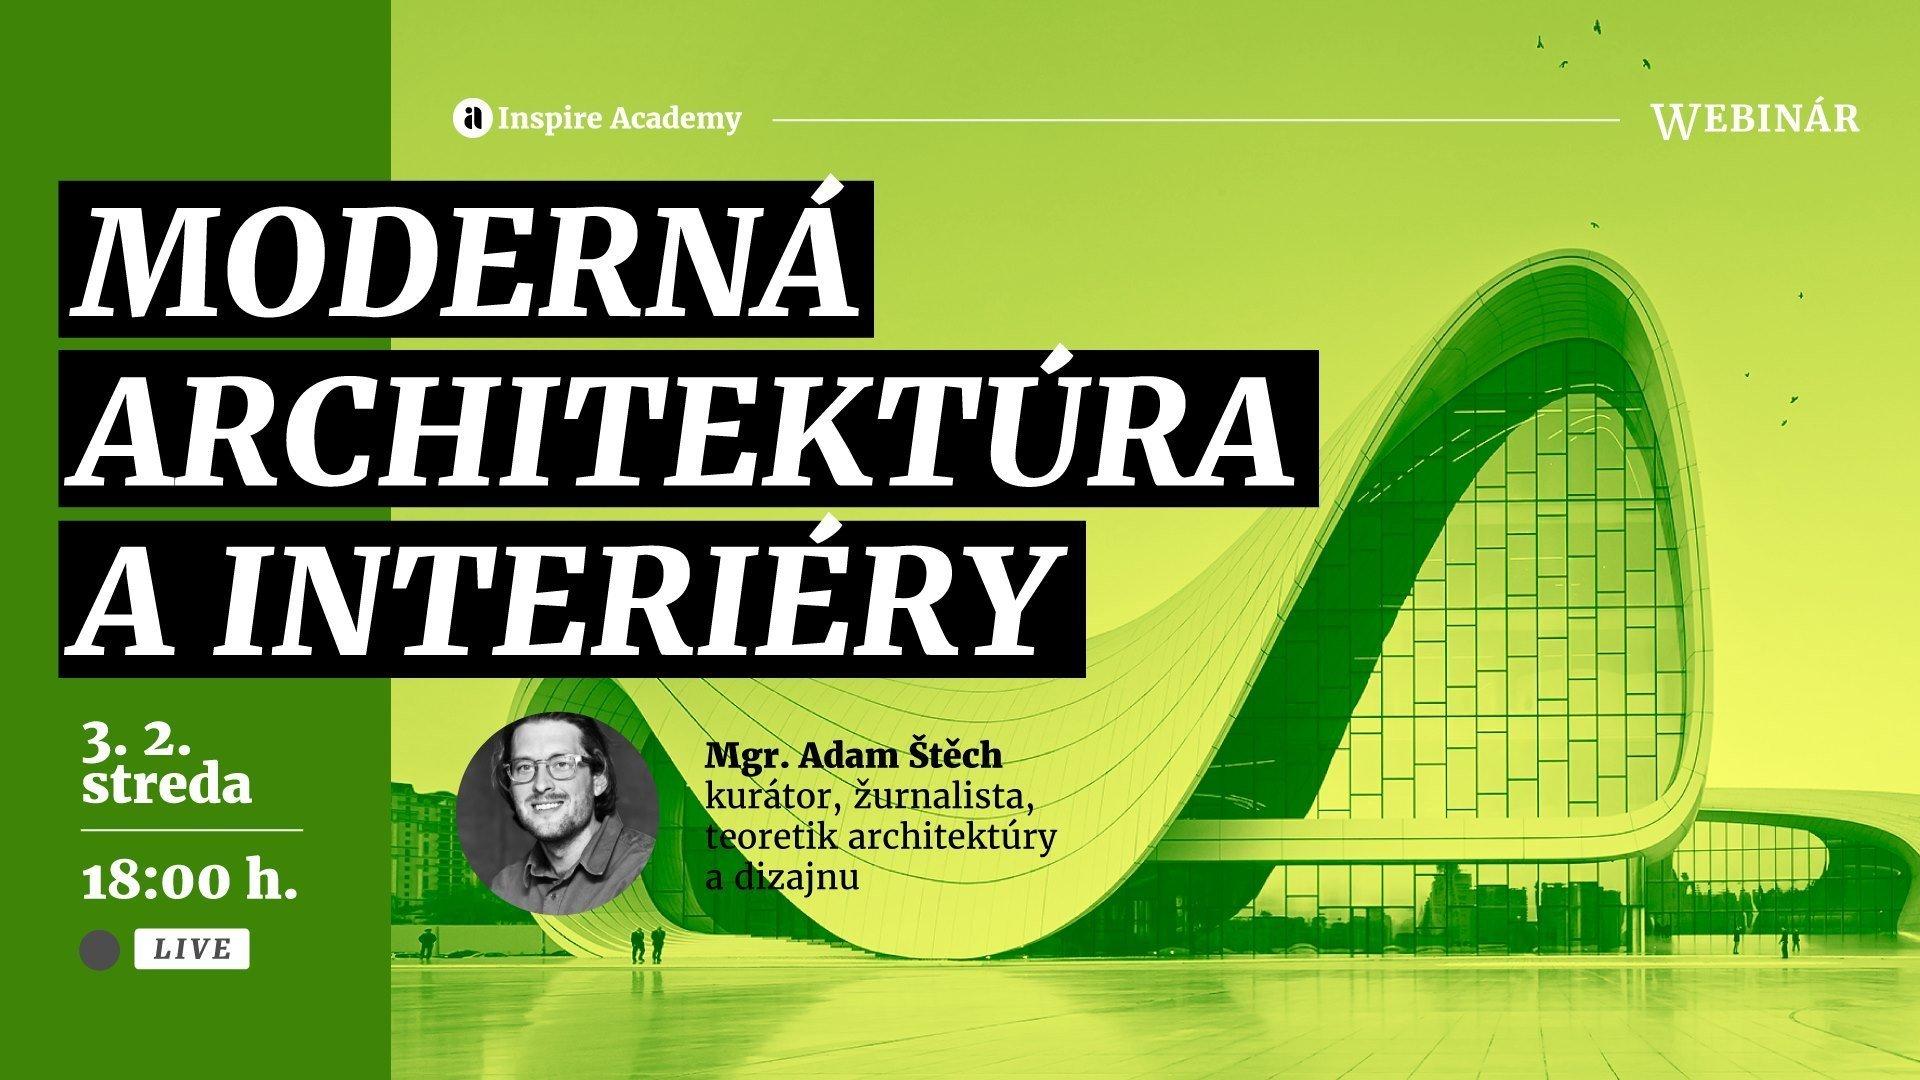 Moderná architektúra a interiéry